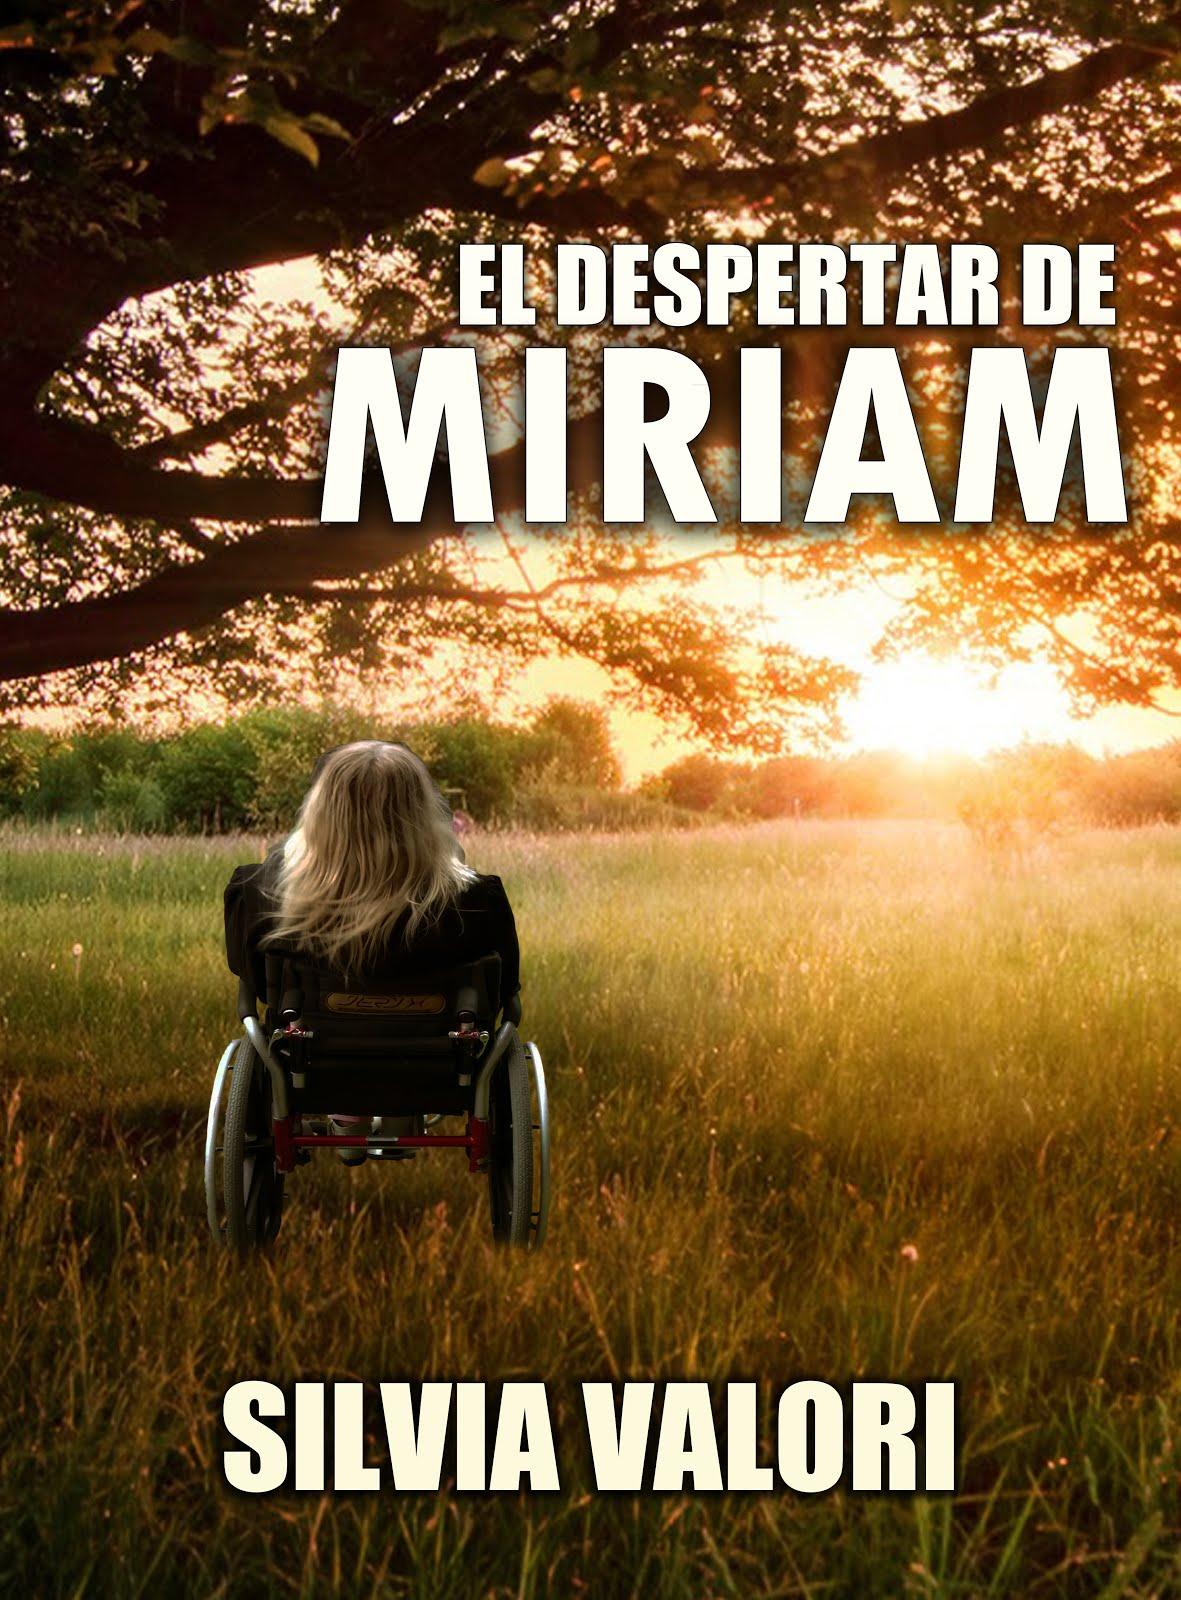 """""""EL DESPERTAR DE MIRIAM"""" MI NUEVO LIBRO YA ESTÁ EN LOS PORTALES DE TODAS LAS LIBRERÍAS DEL MUNDO"""